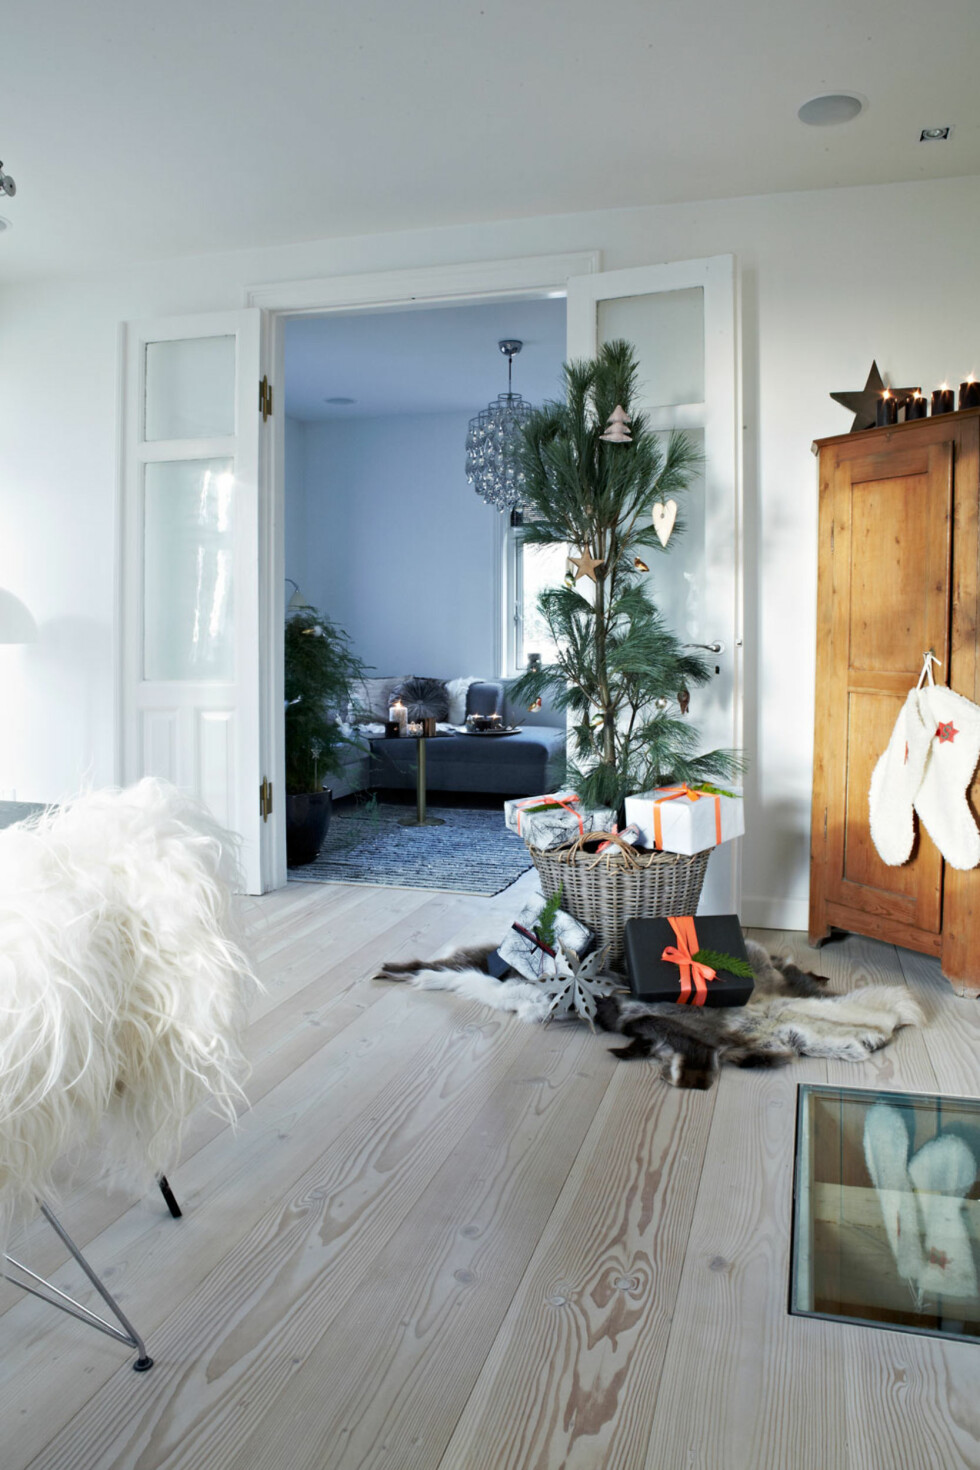 JULETRE I KURV: Ane og familien elsker de litt rare og skjeve trærne som ingen andre vil ha. De små fuglene på treet er faste innslag i familiens jul. Se så fint det blir å sette juletreet i en kurv! Foto: Lene Samsø